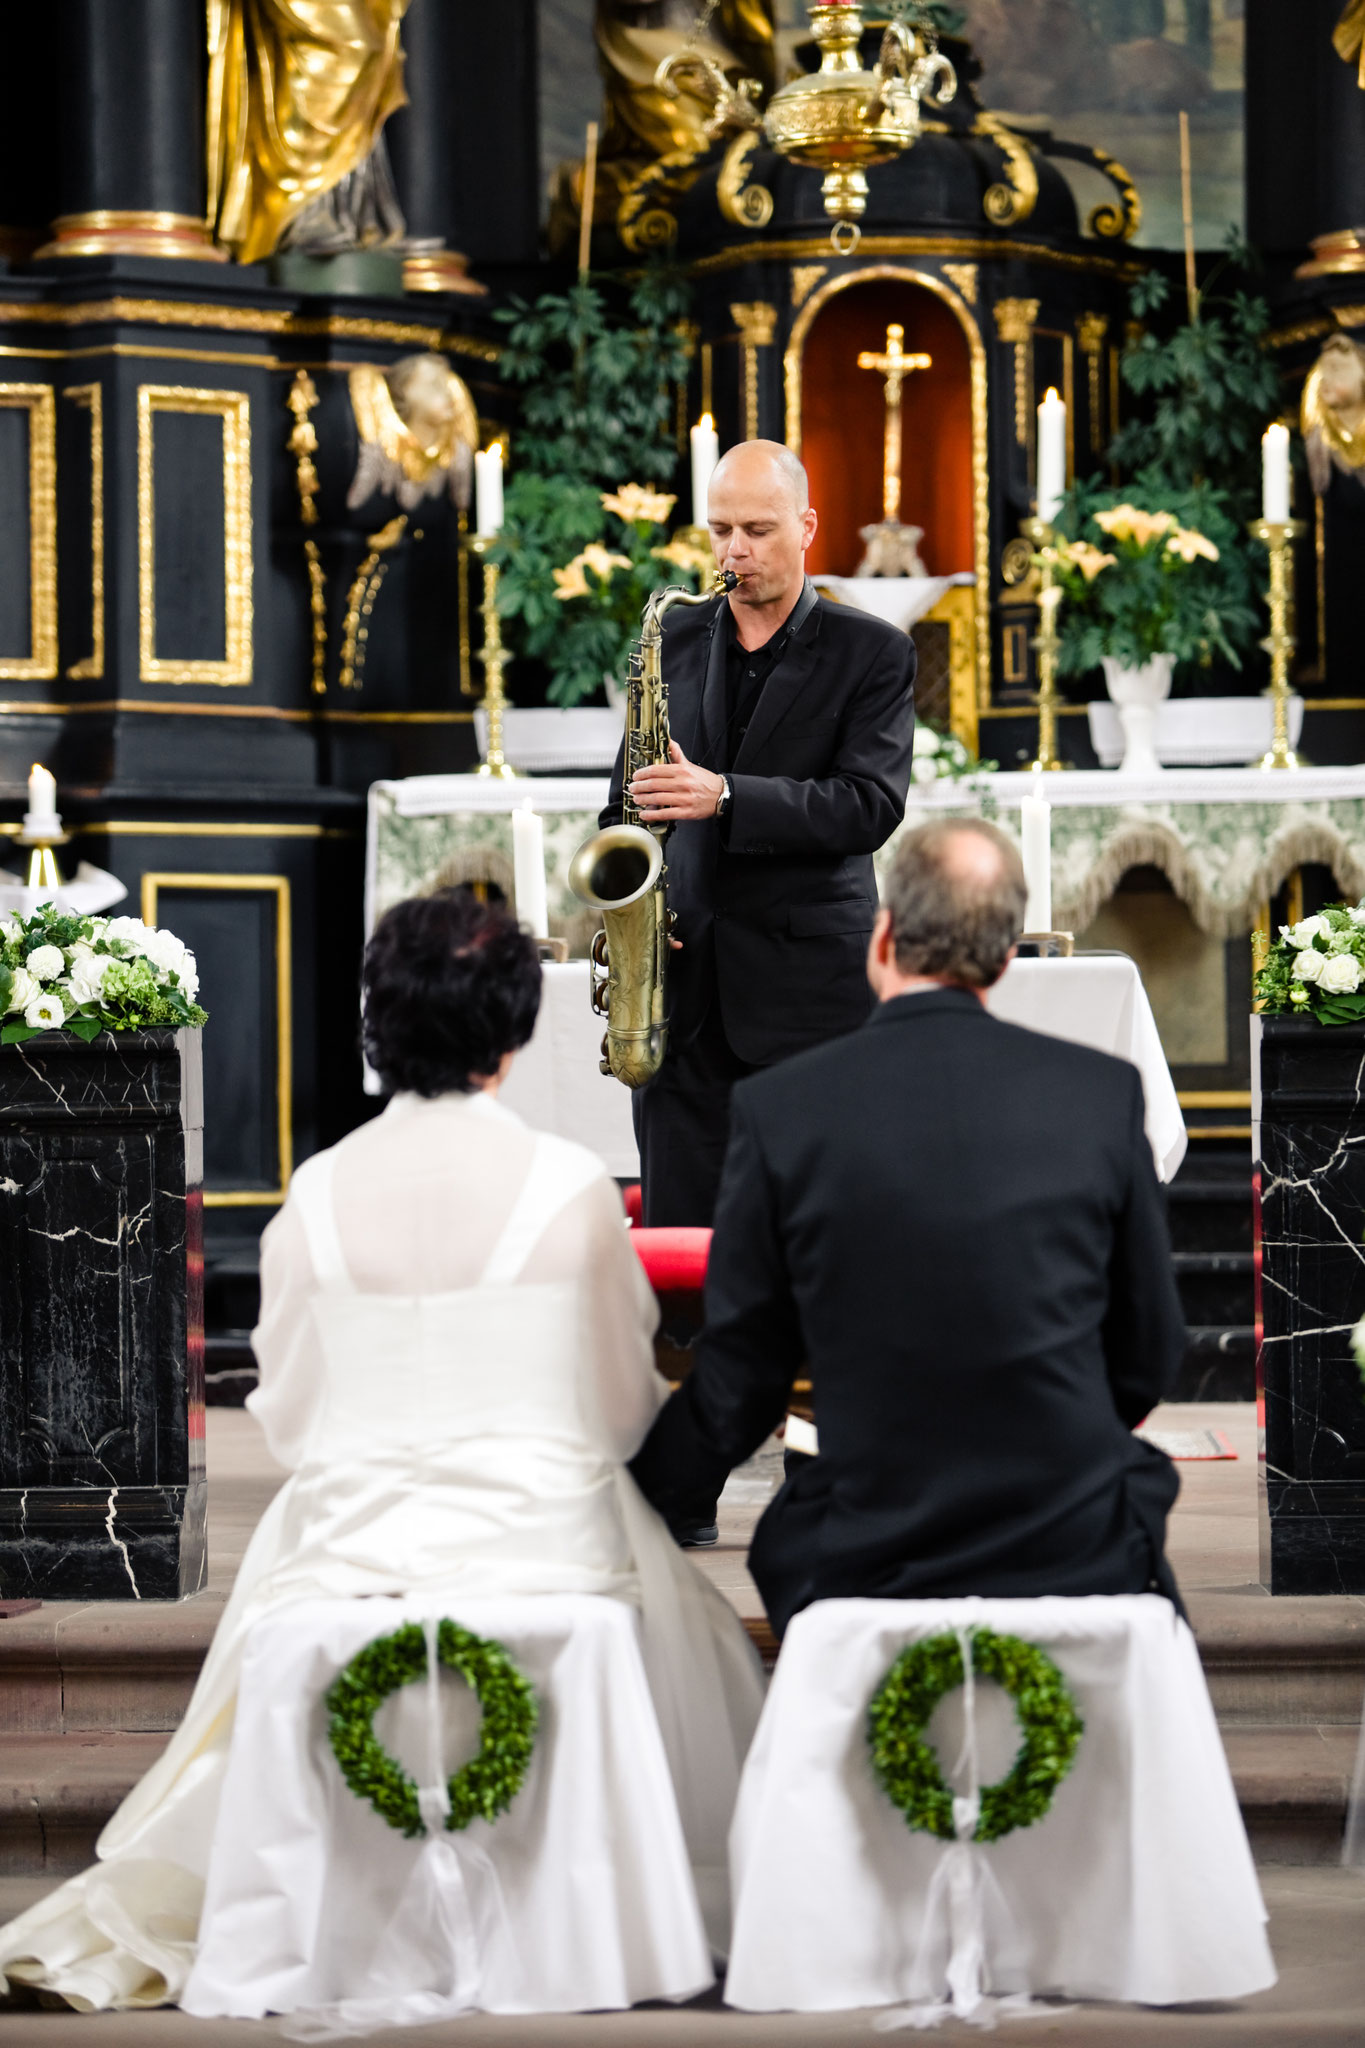 Musik zur Trauung in der Kirche